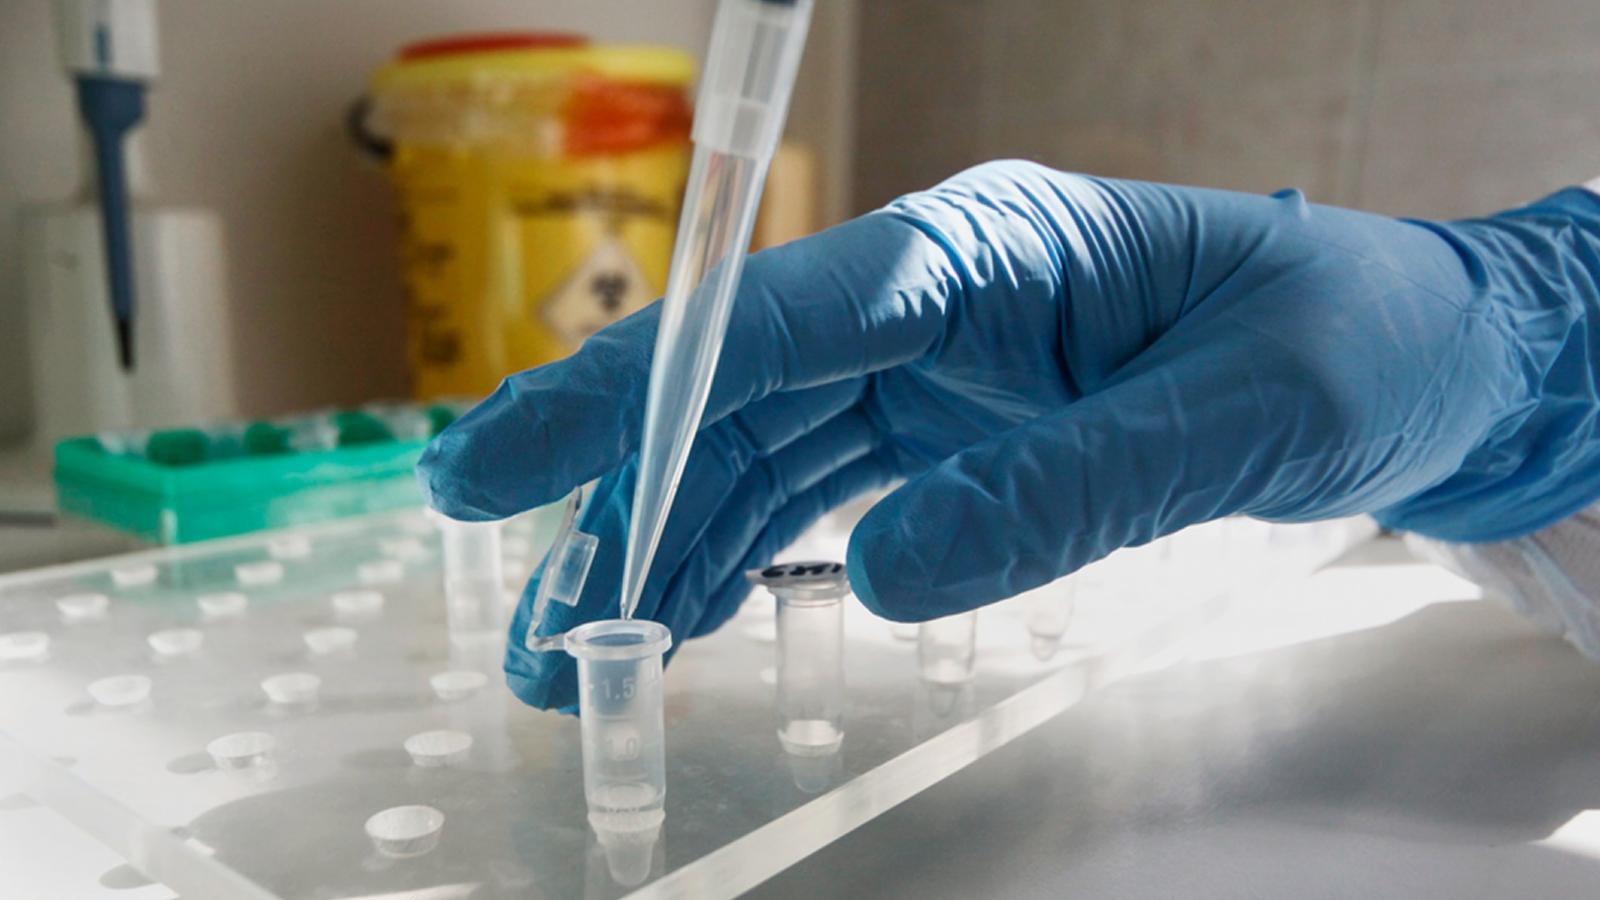 У сотрудника реанимации Херсонской инфекционной больницы обнаружили коронавирус